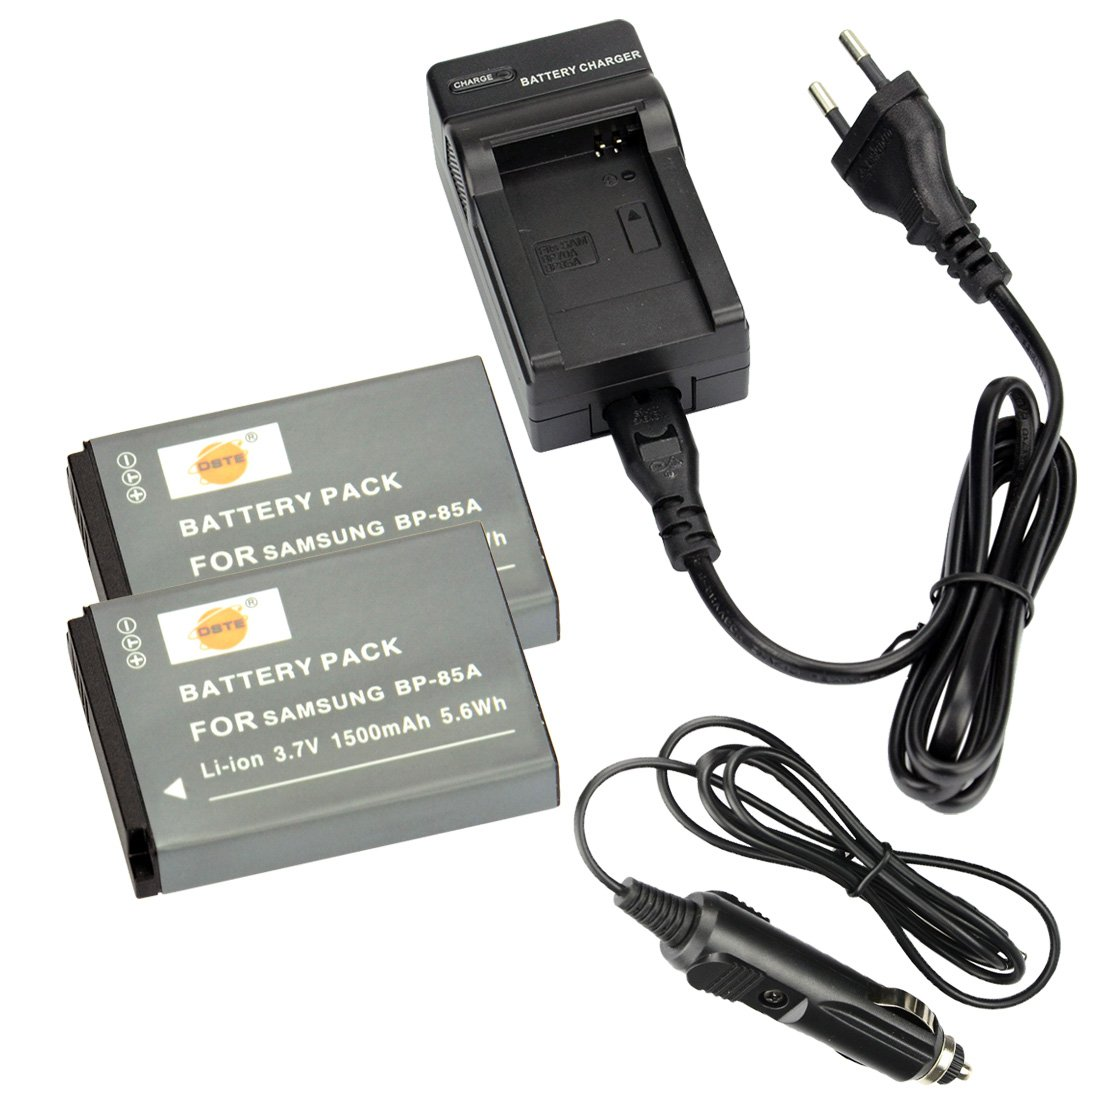 Bateria-cargador para Samsung bp85a bp-85a ia-bp85a